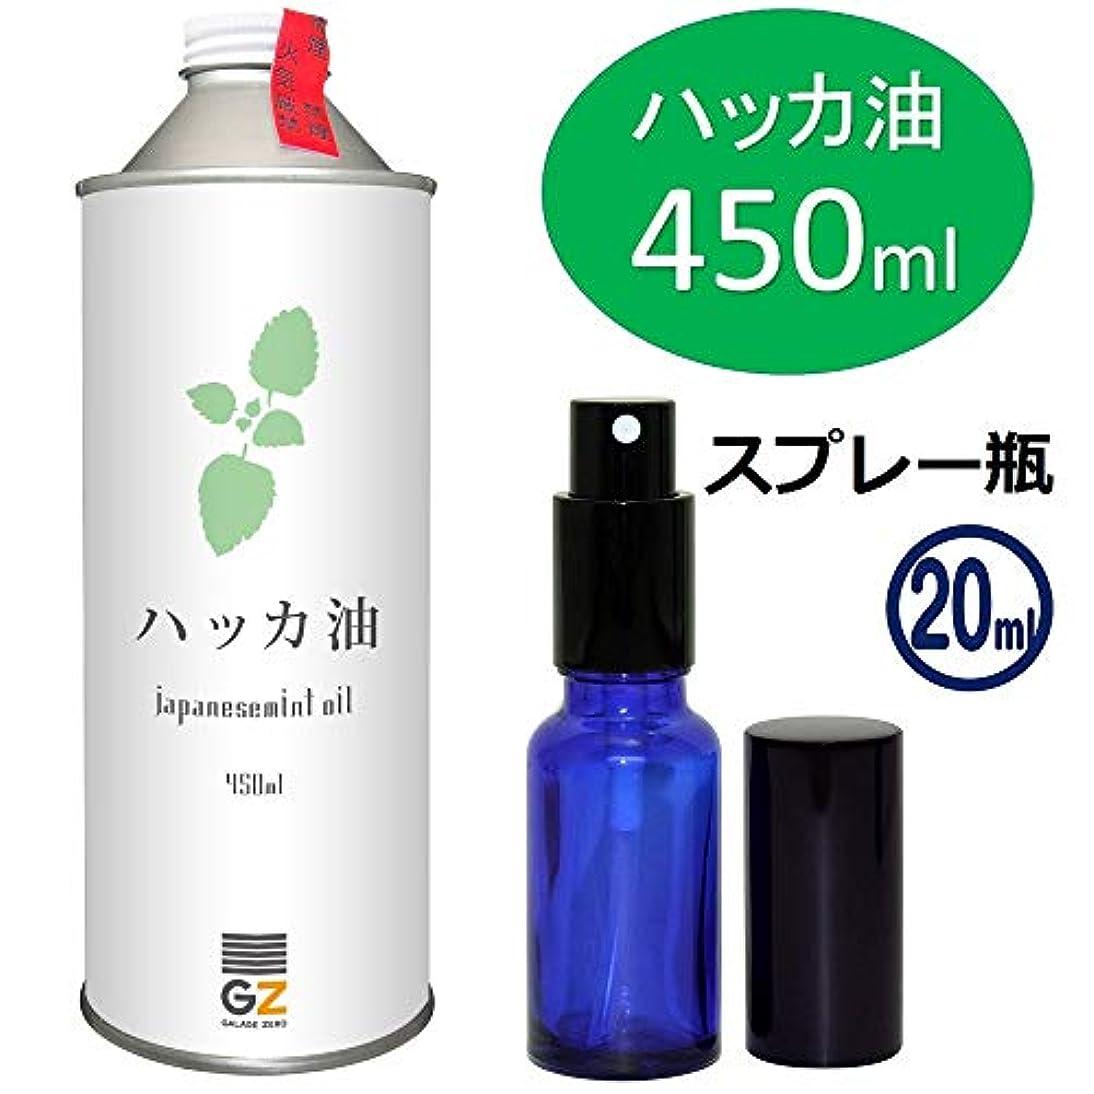 知覚するのため港ガレージ?ゼロ ハッカ油 450ml(GZAK13)+ガラス瓶 スプレーボトル20ml/和種薄荷/ジャパニーズミント GSE534